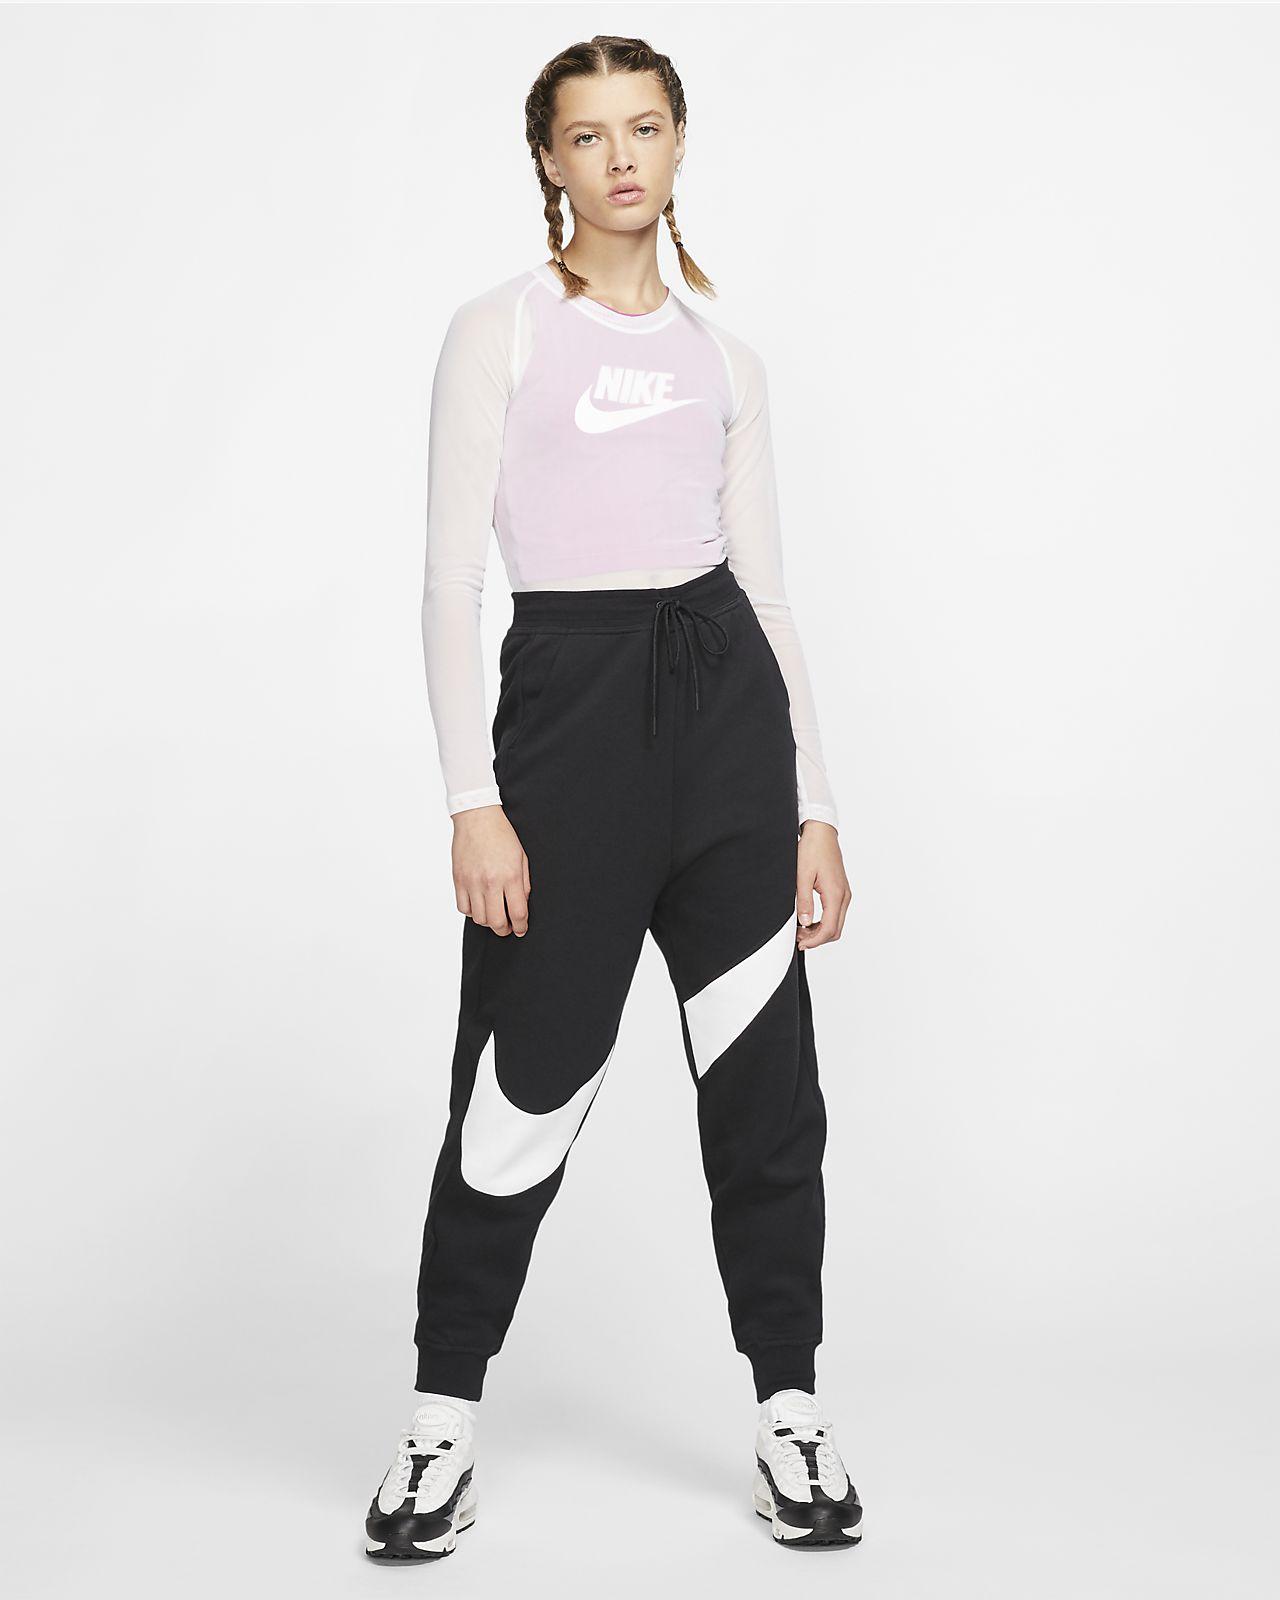 Damen Swoosh Sportswear Nike Nike Fleecehose Swoosh Damen Fleecehose Nike Damen Sportswear Sportswear Swoosh CxBeoWQrd